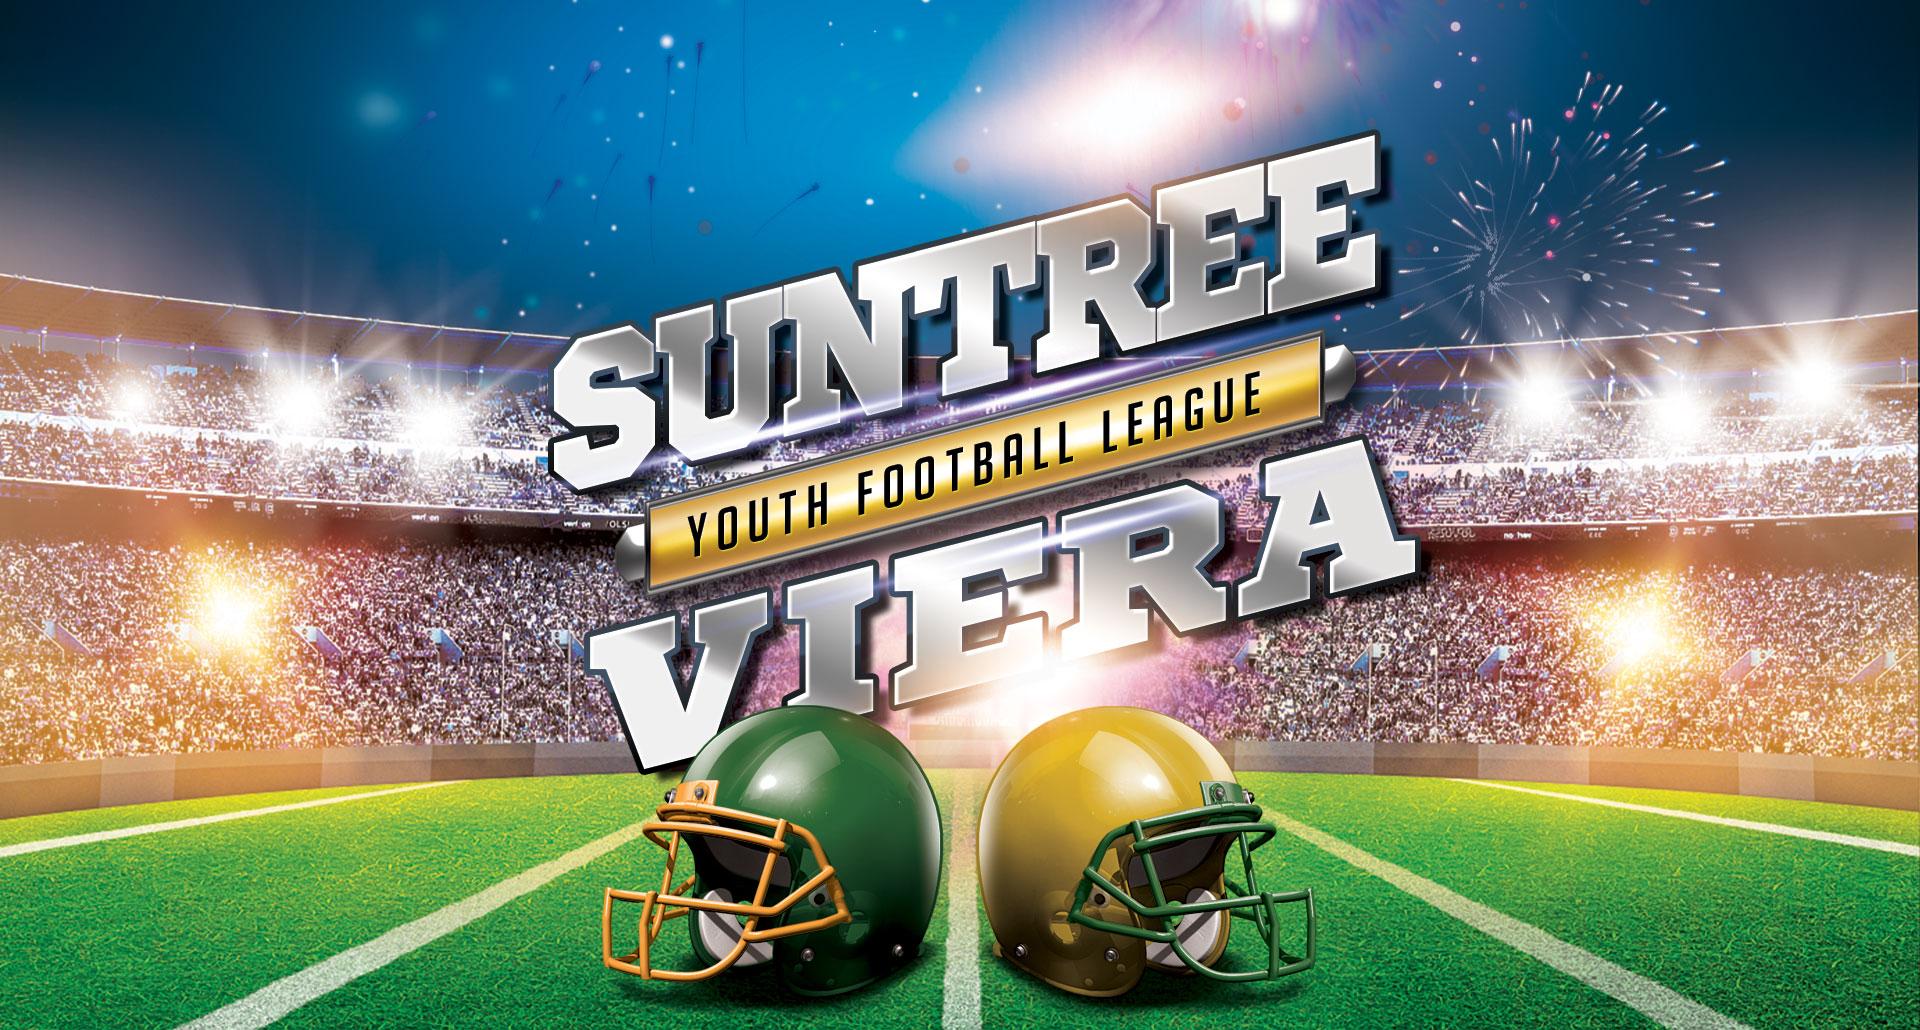 Suntree Viera Youth Football League